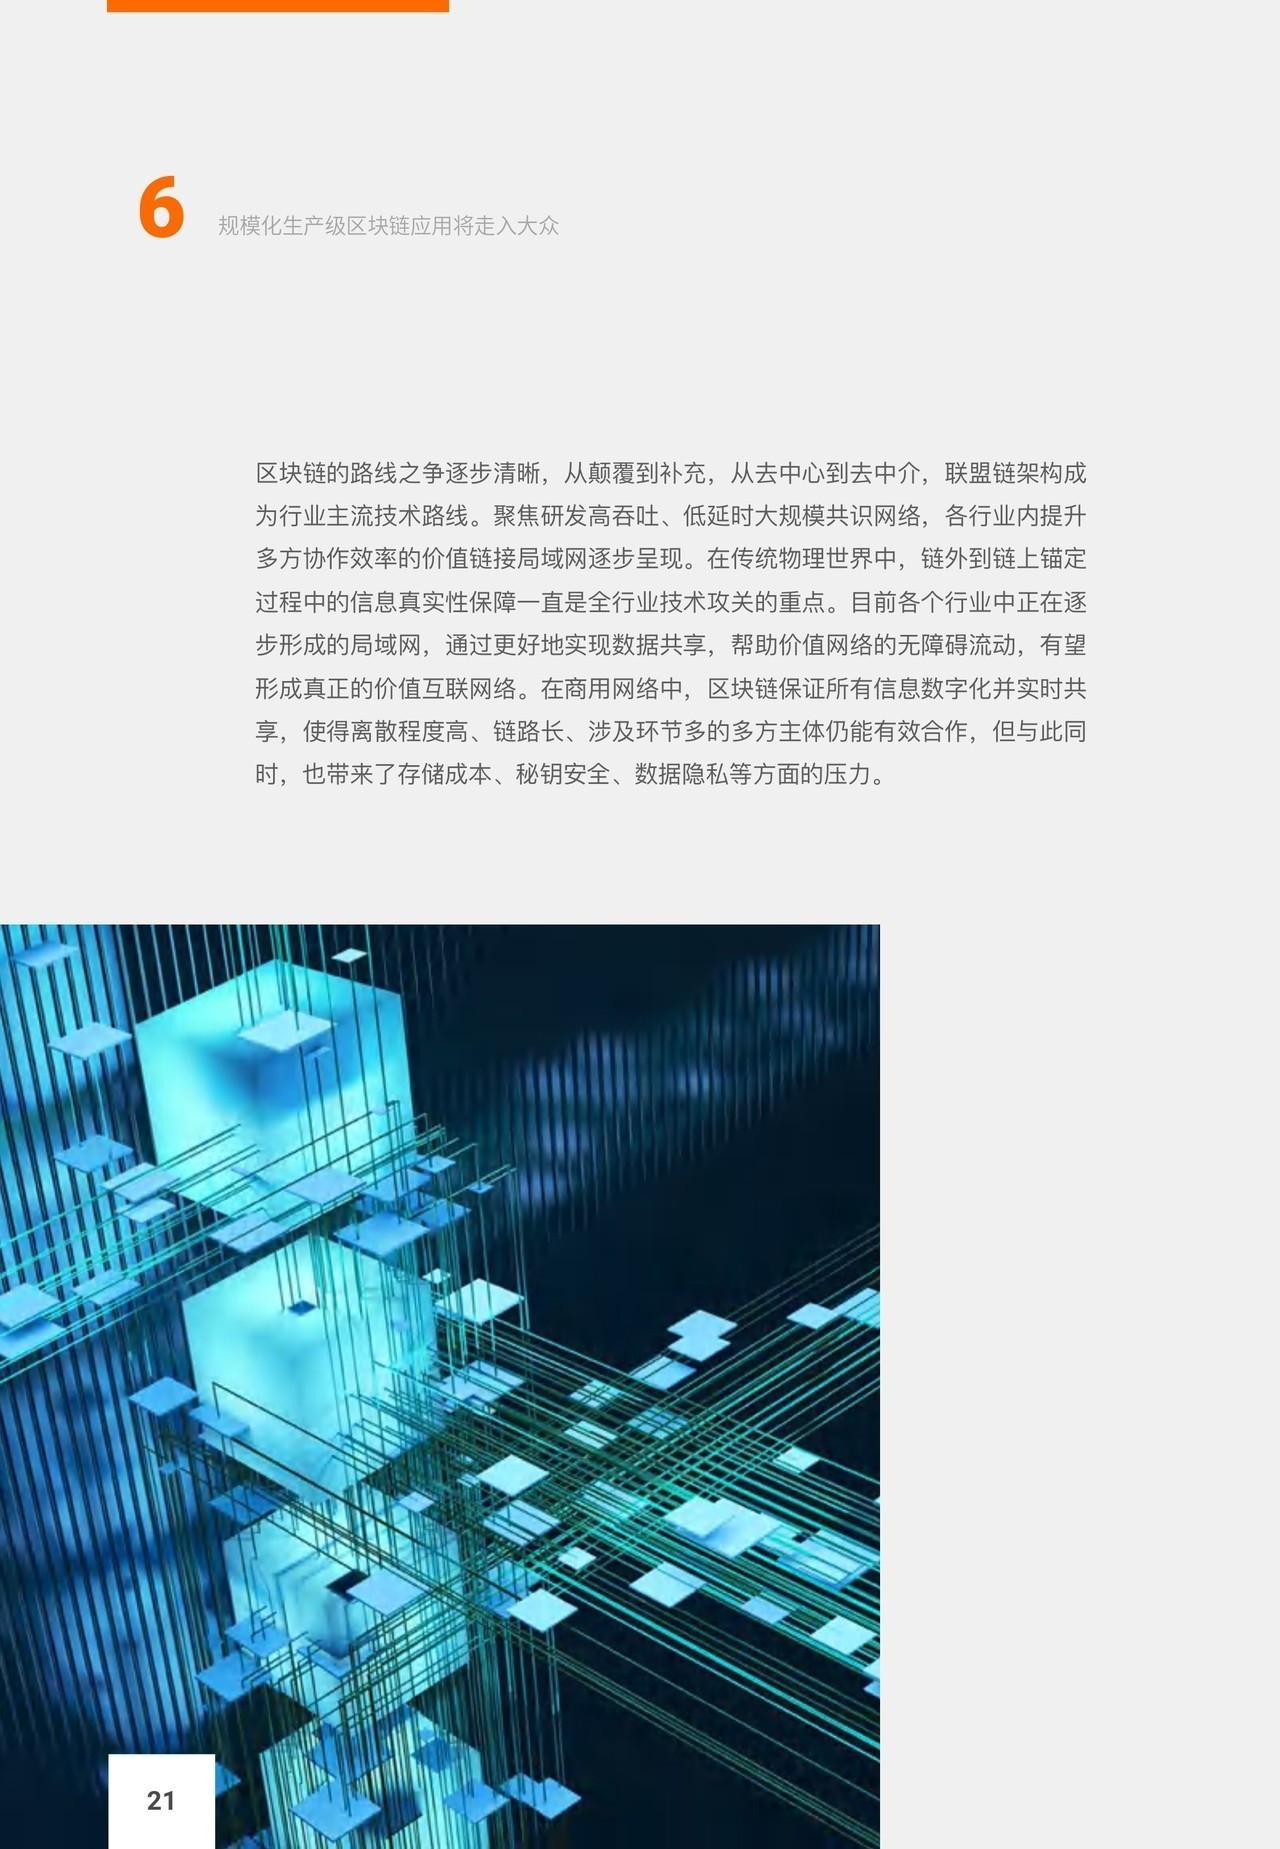 资料   重磅!阿里达摩院发布2020十大科技趋势(附PDF)